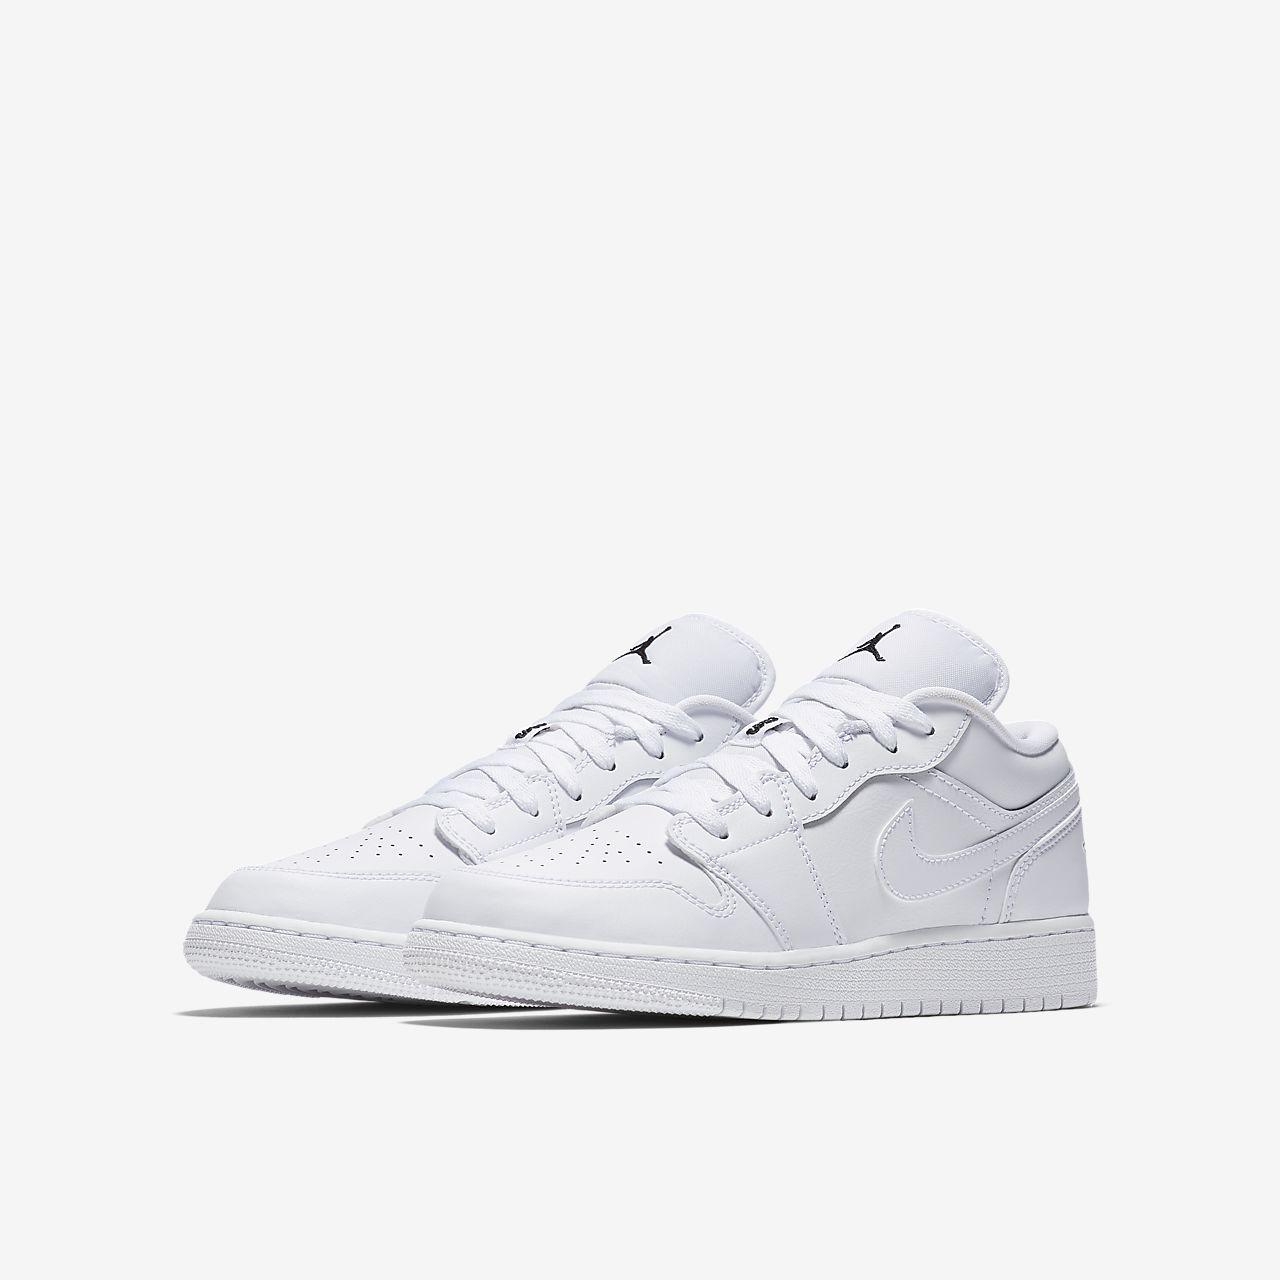 Nouveaux produits f5f34 534b4 Air Nike Jordan à Basse Pas Chergt; Jusqu Promotions ...